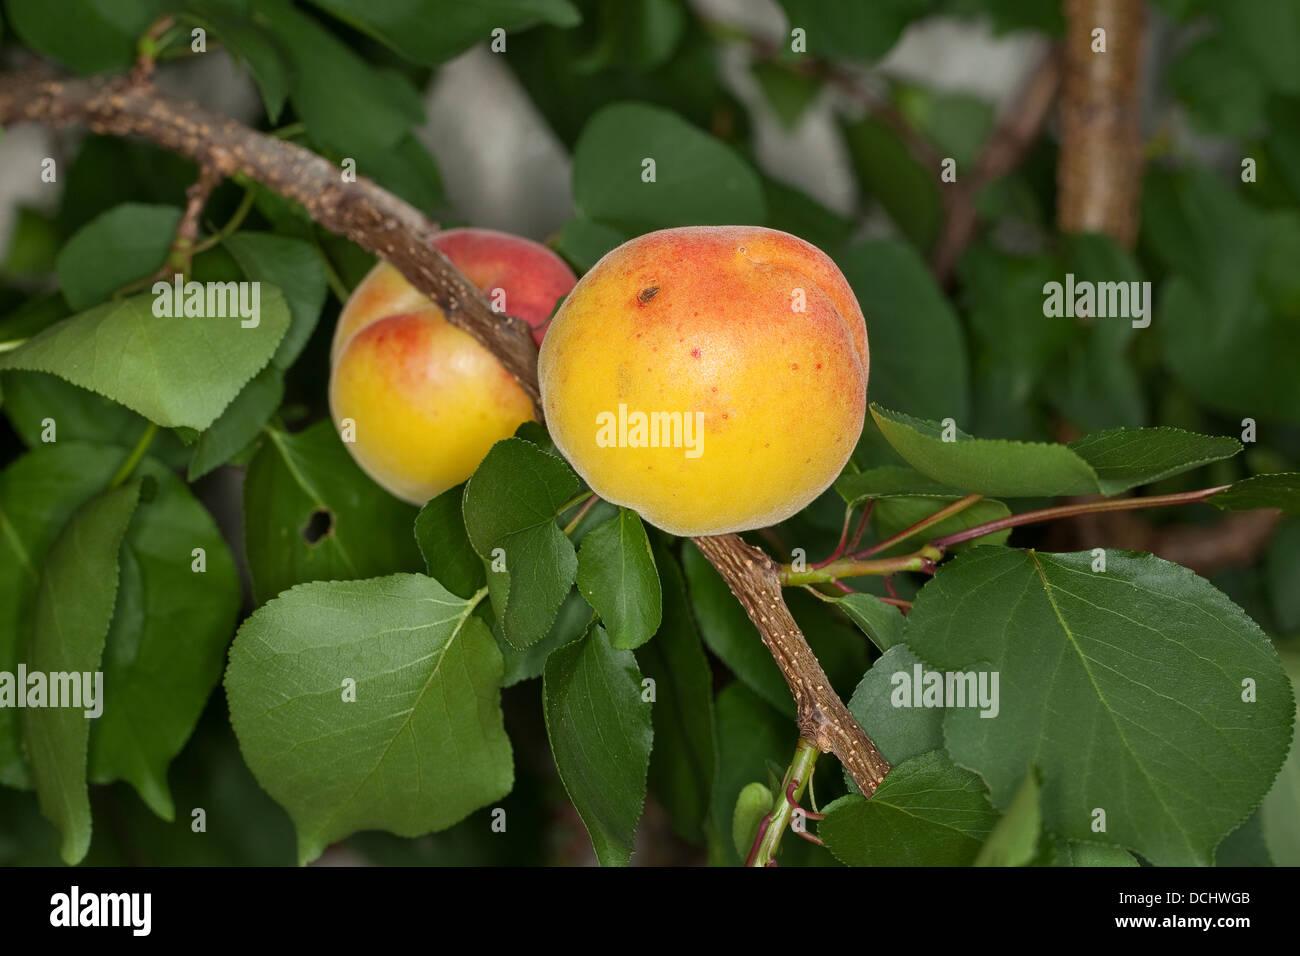 aprikose aprikose aprikosen marille marillen obst fr chte tragenden baumes obstbaum obst. Black Bedroom Furniture Sets. Home Design Ideas